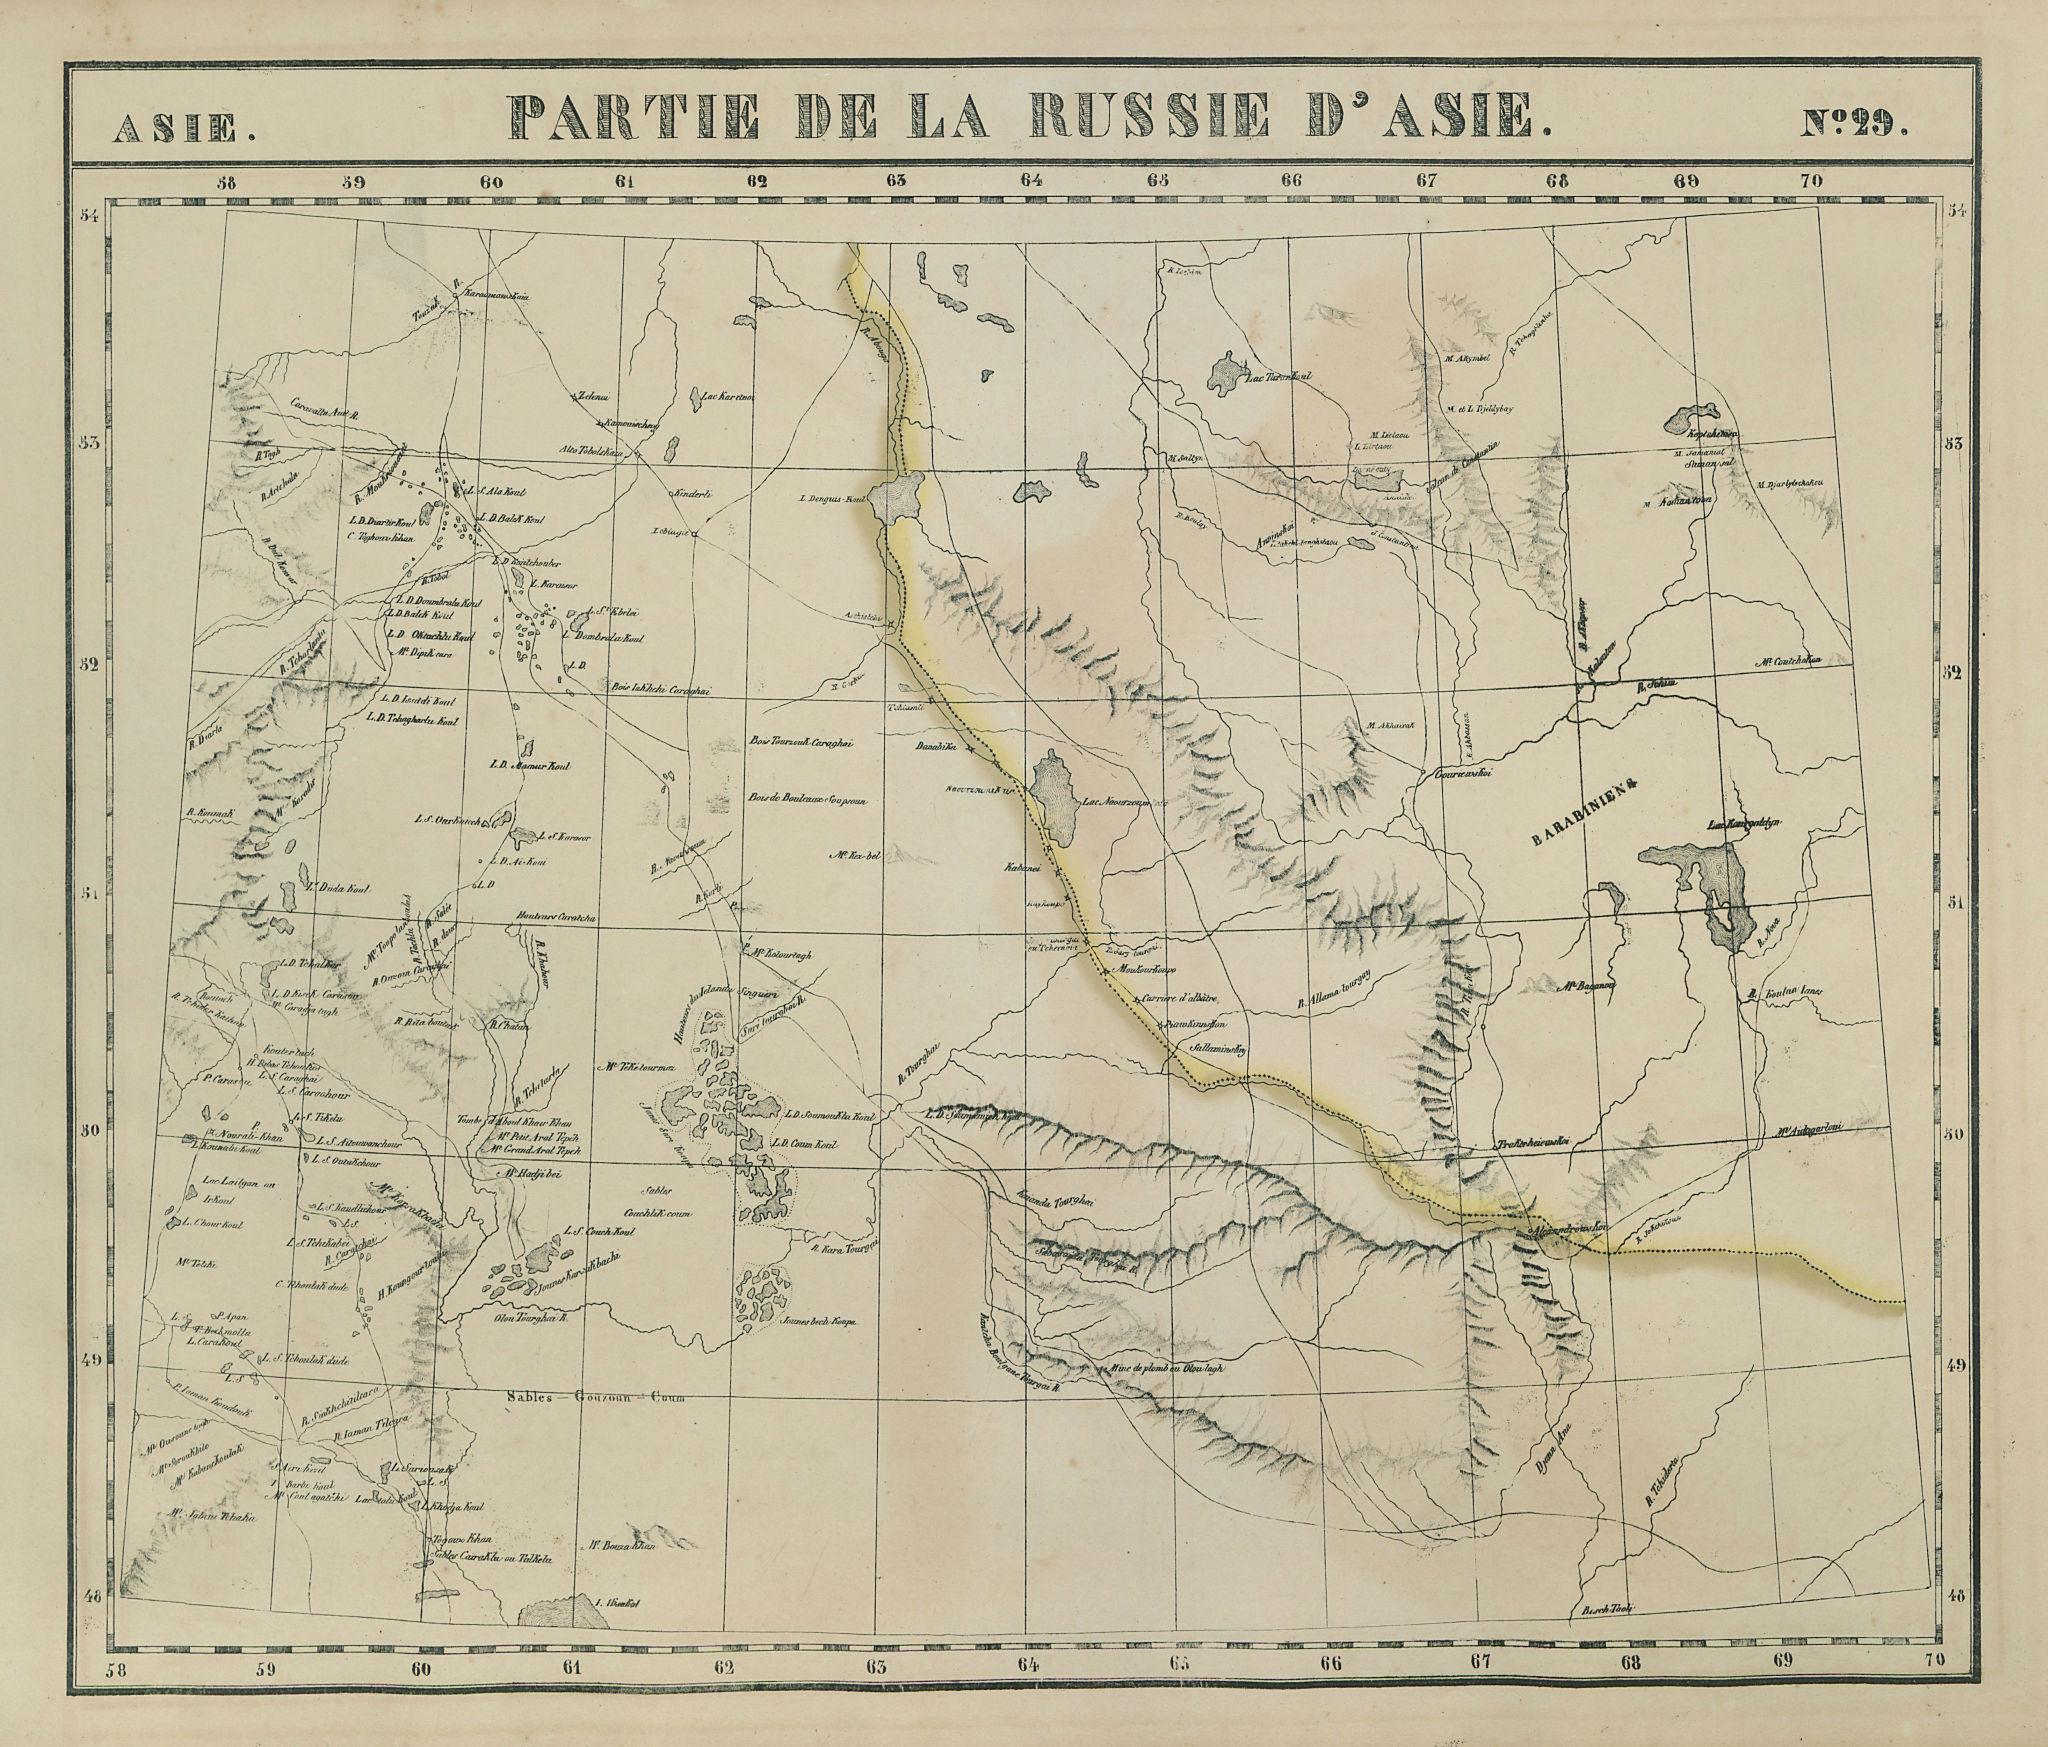 Russie d'Asie 29 NW Kazakhstan Orenburg Chelyabinsk Russia VANDERMAELEN 1827 map